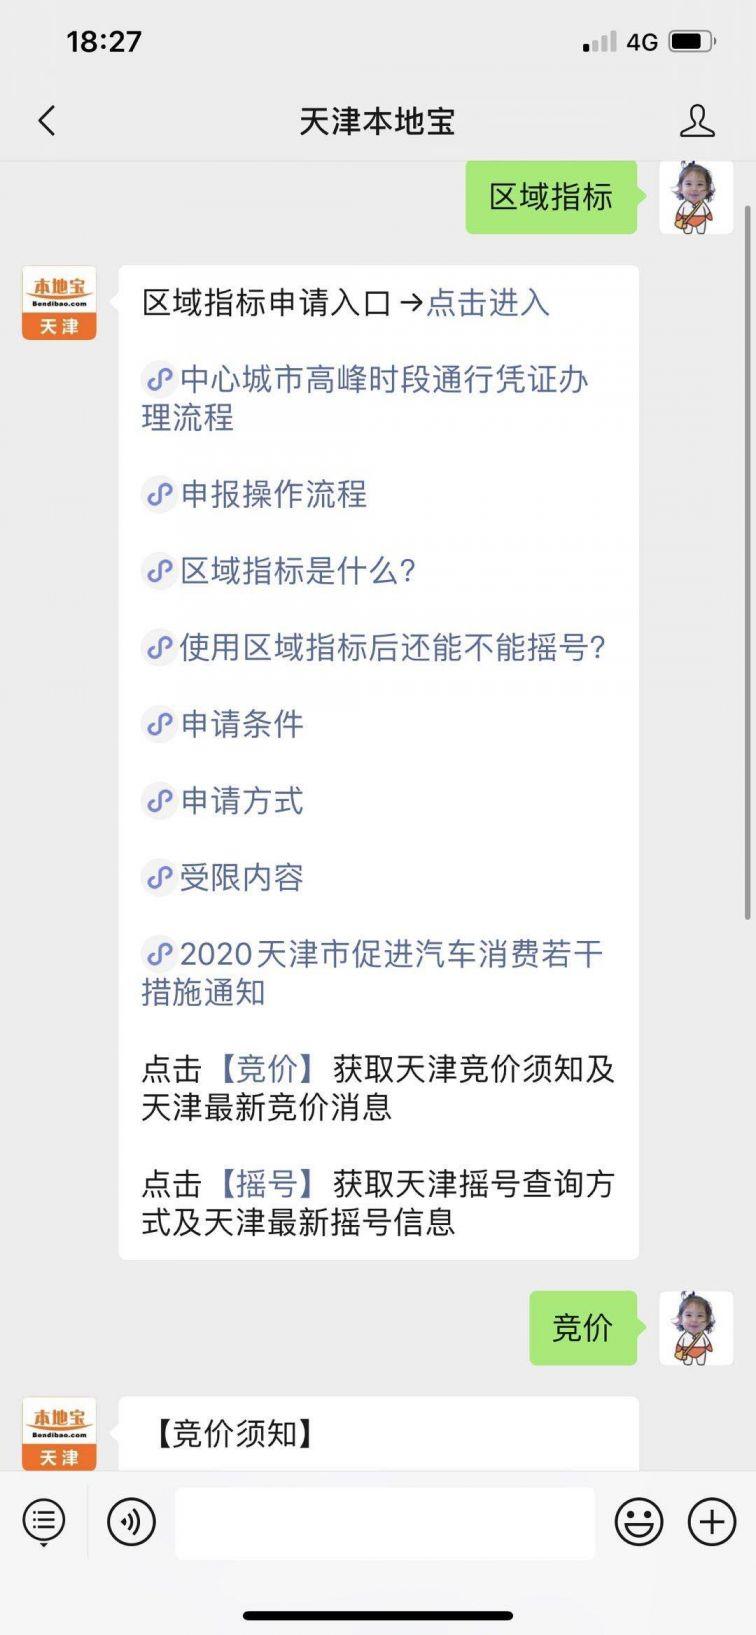 天津中心城市高峰时段通行证申请条件